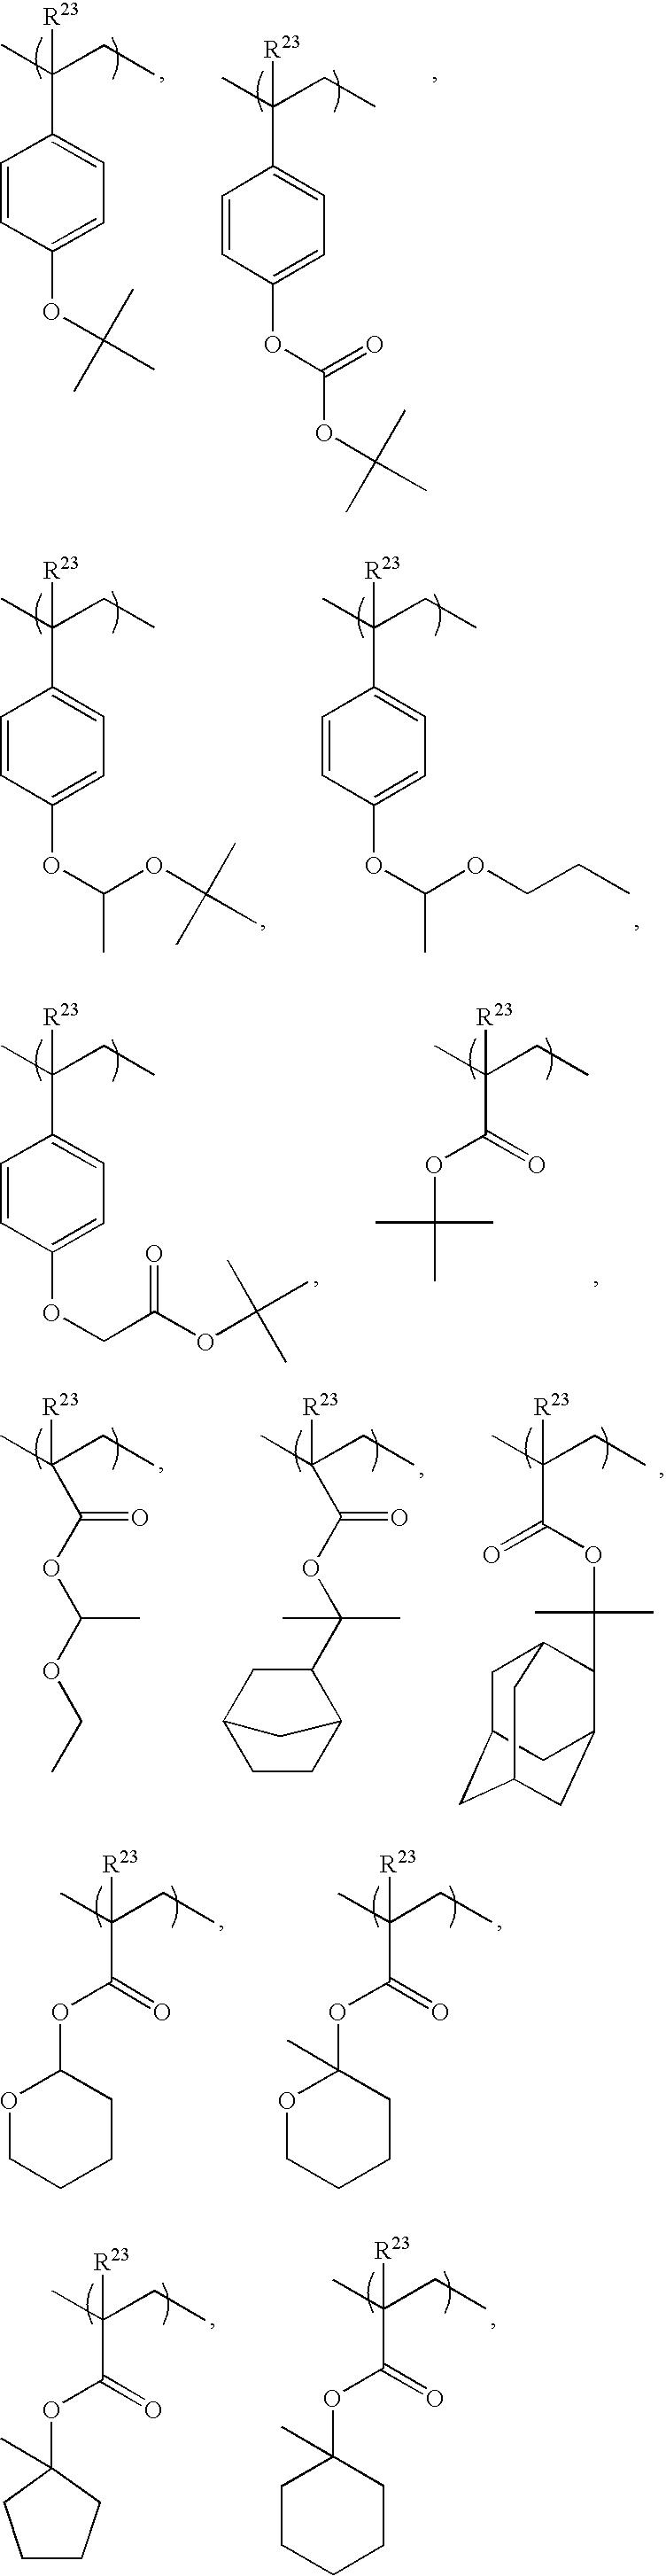 Figure US20080199814A1-20080821-C00007